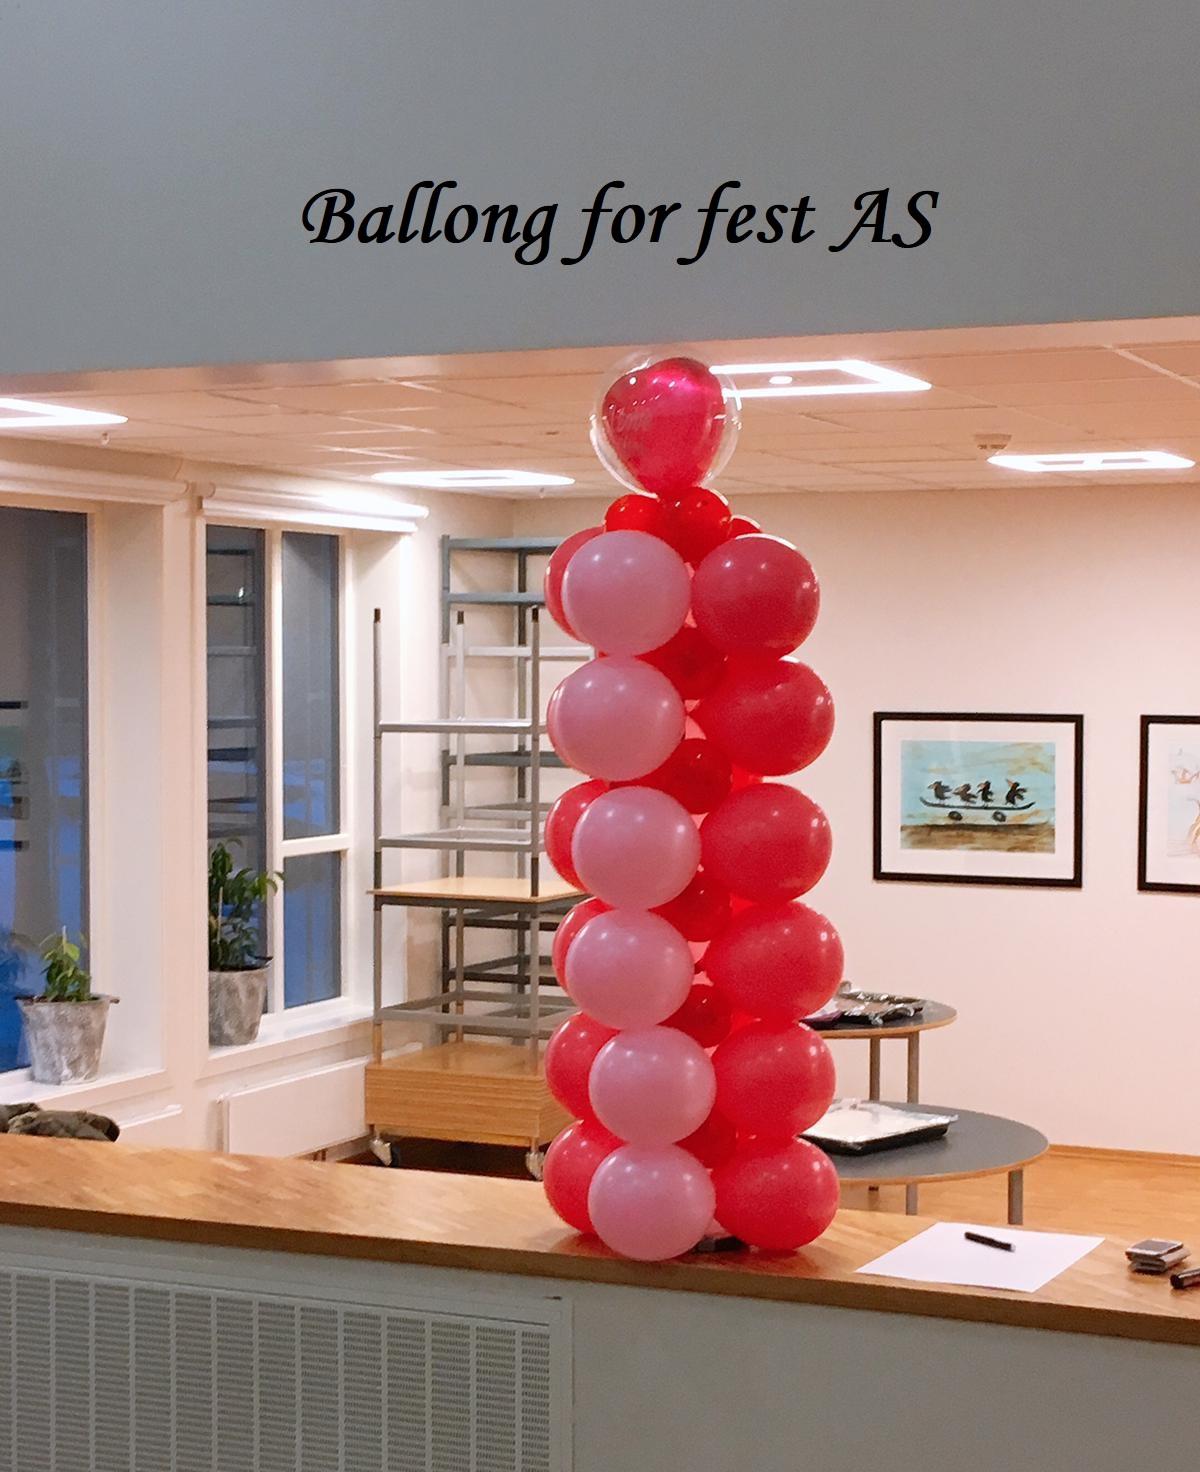 Ballong for fest (8)